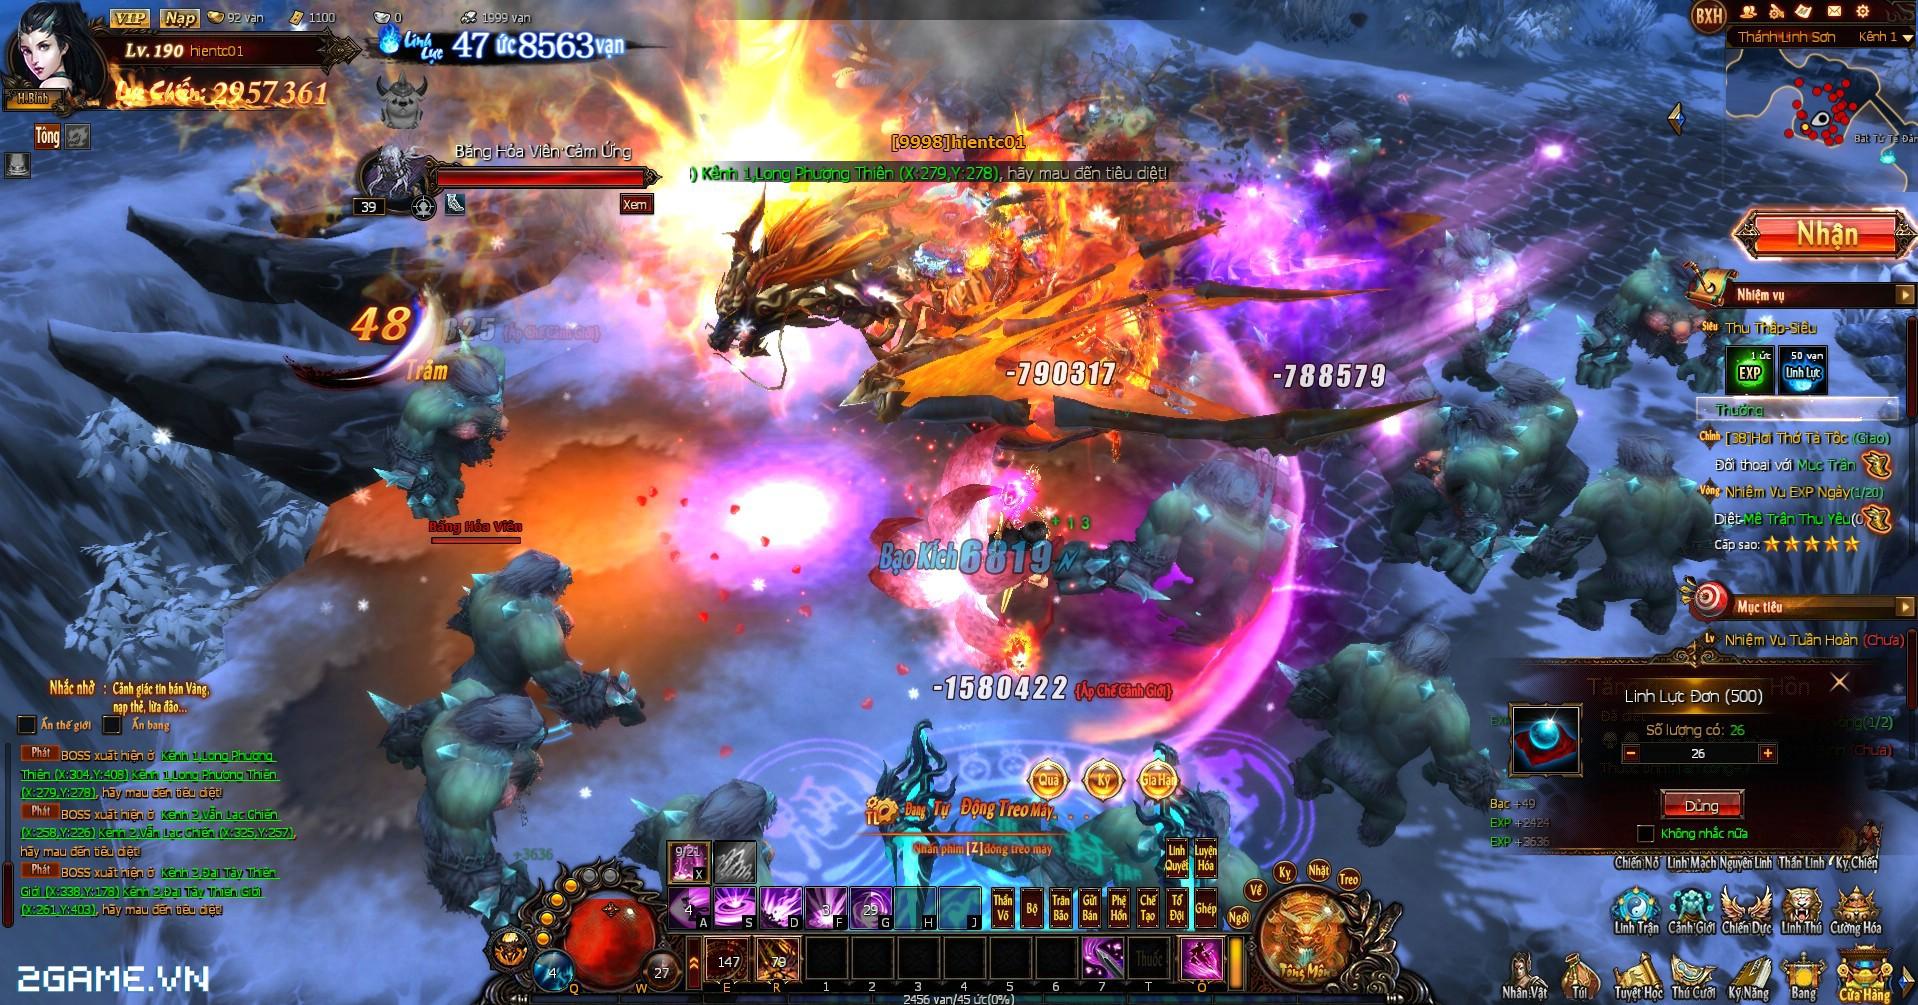 11 game online đã ra mắt thị trường Việt Nam trong khoảng nửa tháng 10/2016 3